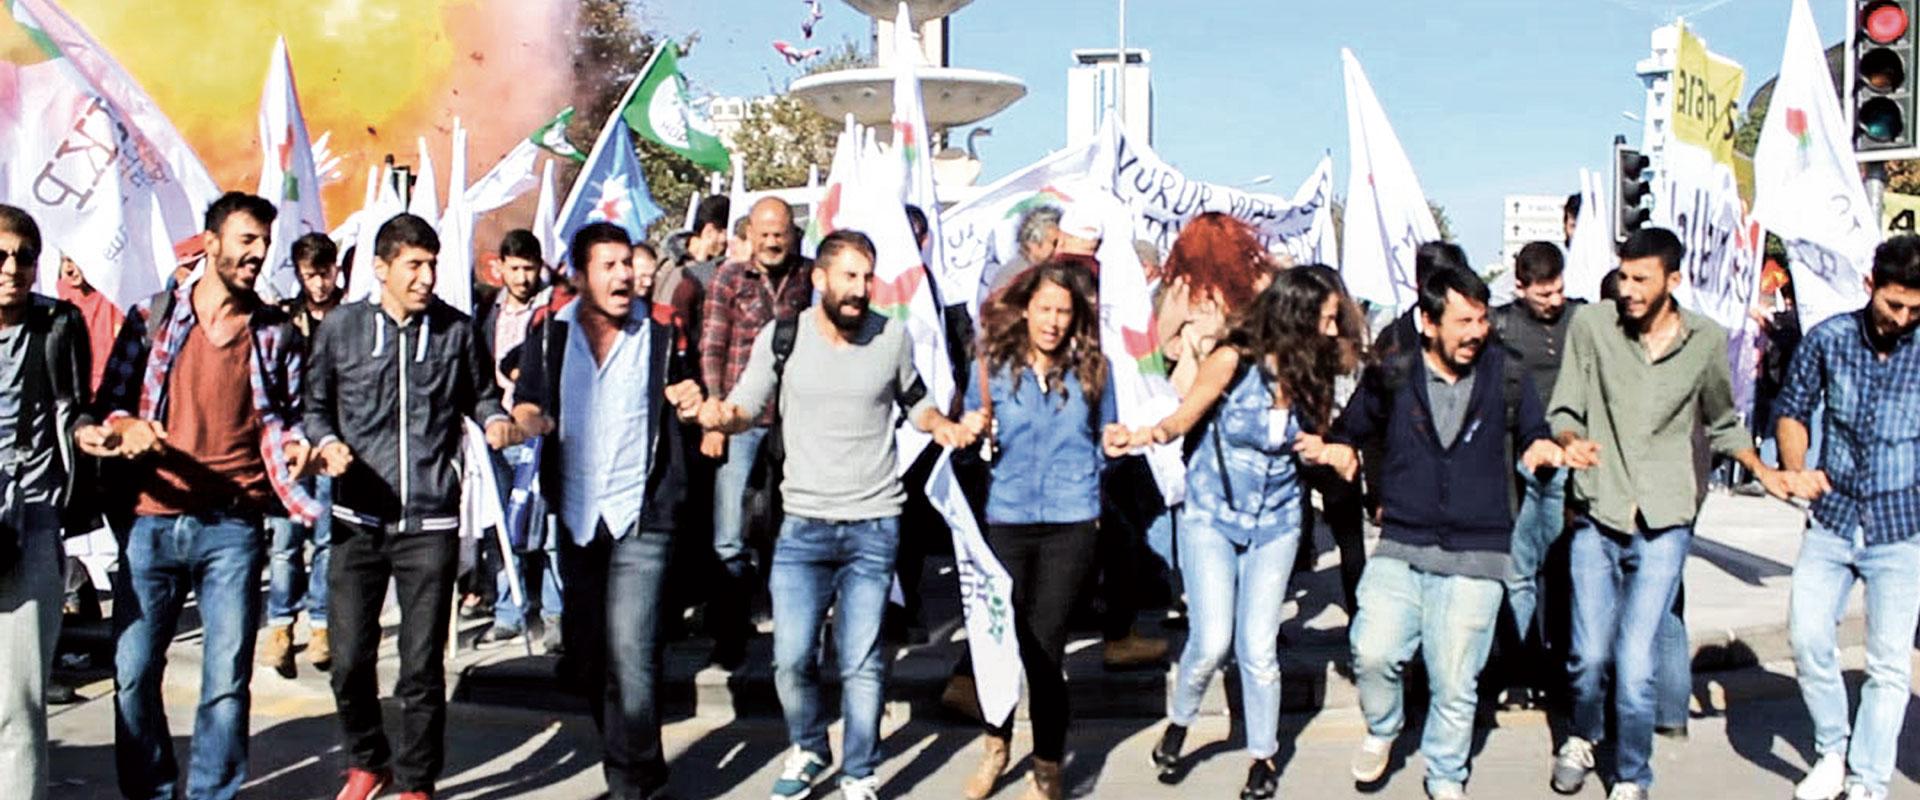 Ankara katliamı soruşturmasında son gelişmeler